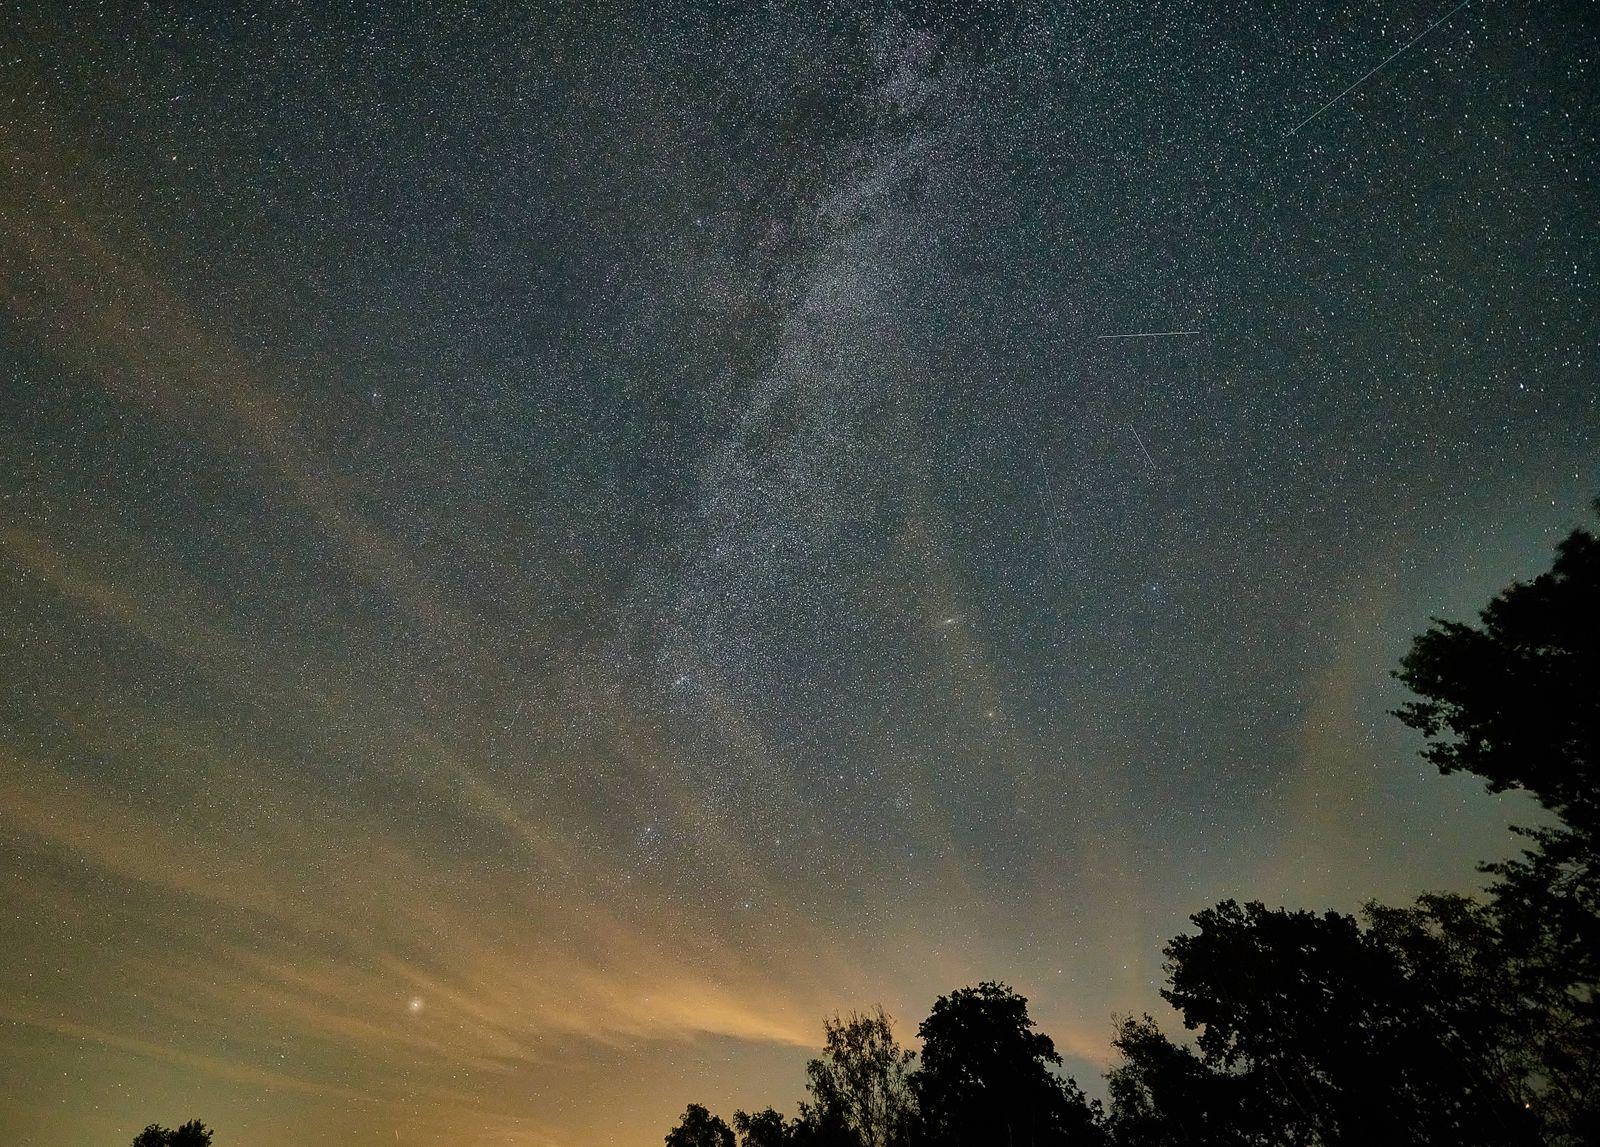 Meteoritenschauer am nächtlichen Sternenhimmel Perseiden, Sternschuppen erschienen im Monat August jährlich wiederkehre